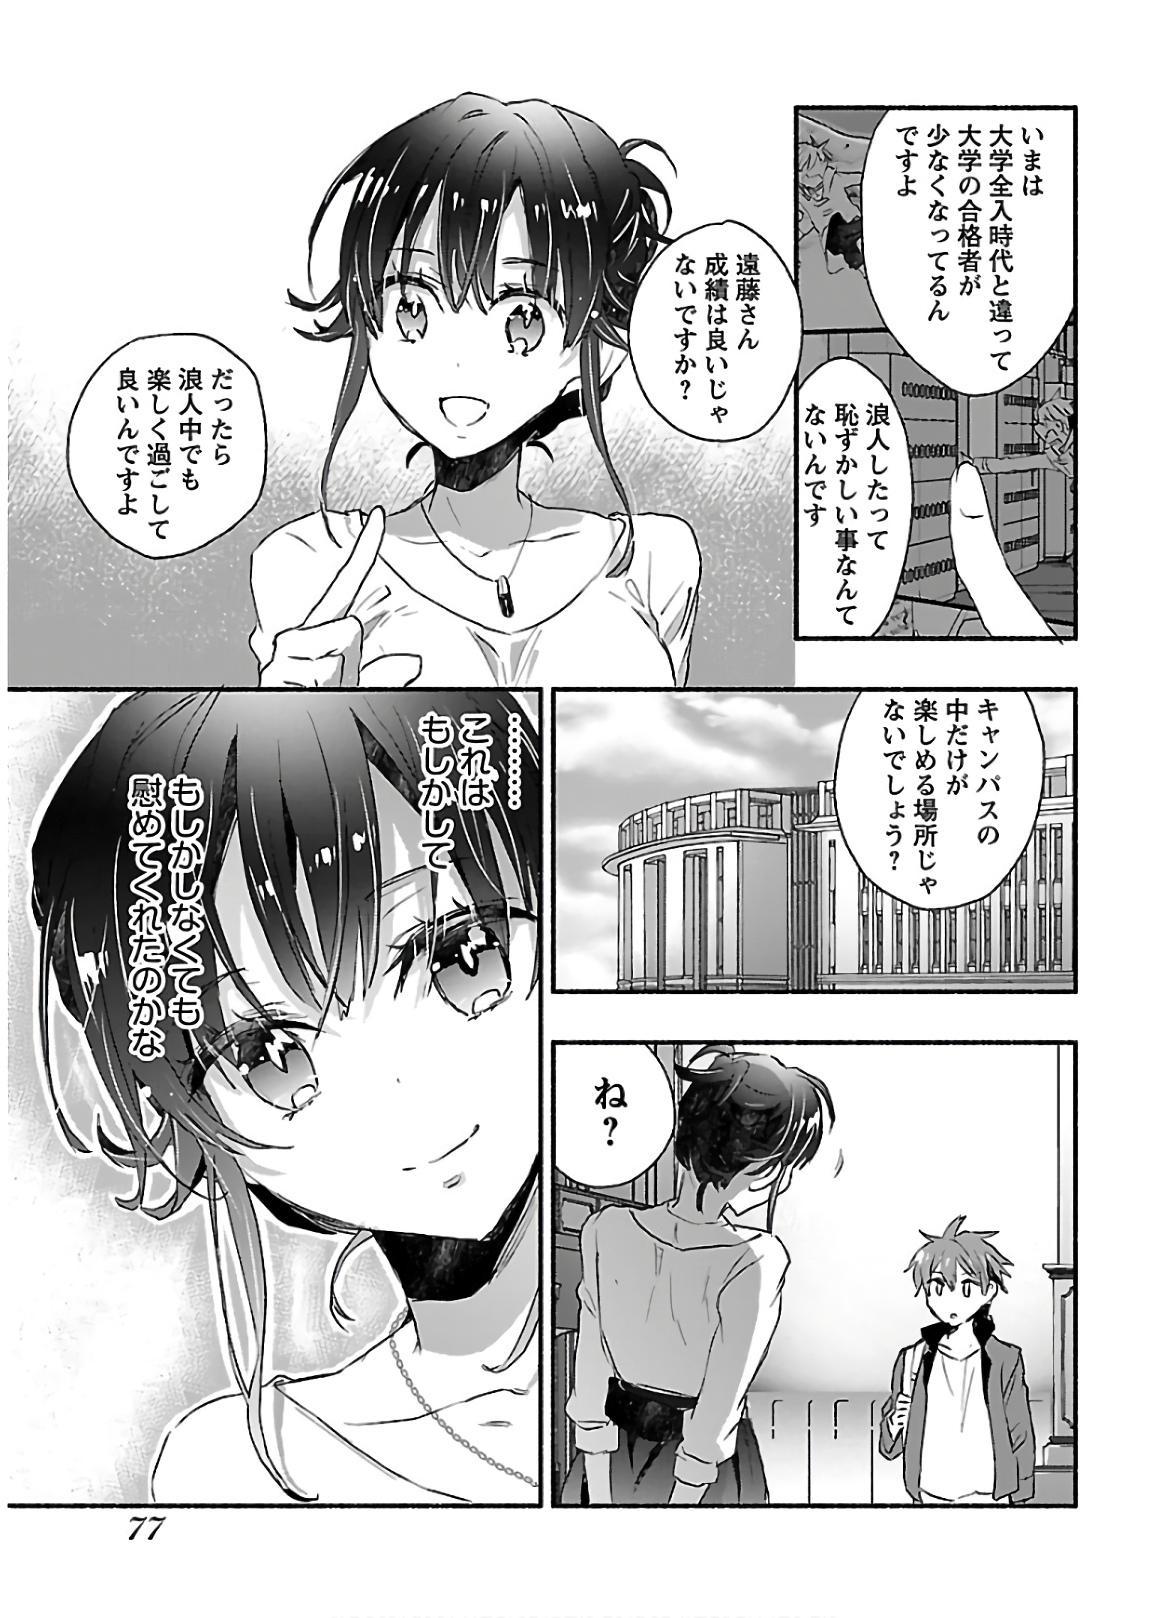 Yankii musume ni natsukarete kotoshi mo juken ni shippai shisou desu  vol.1 78